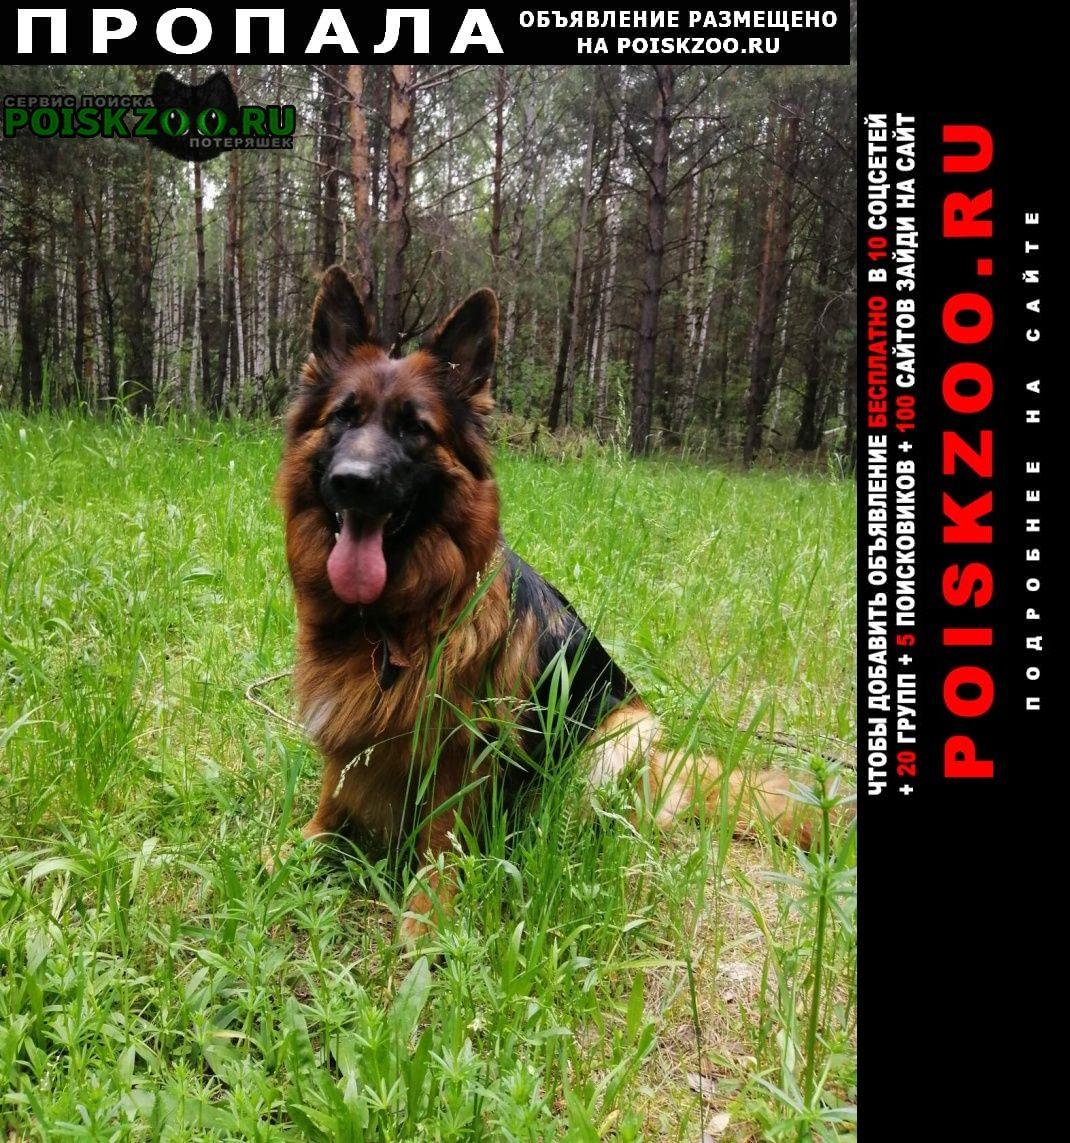 Пропала собака пожалуйста опубликуйте  Шемышейка